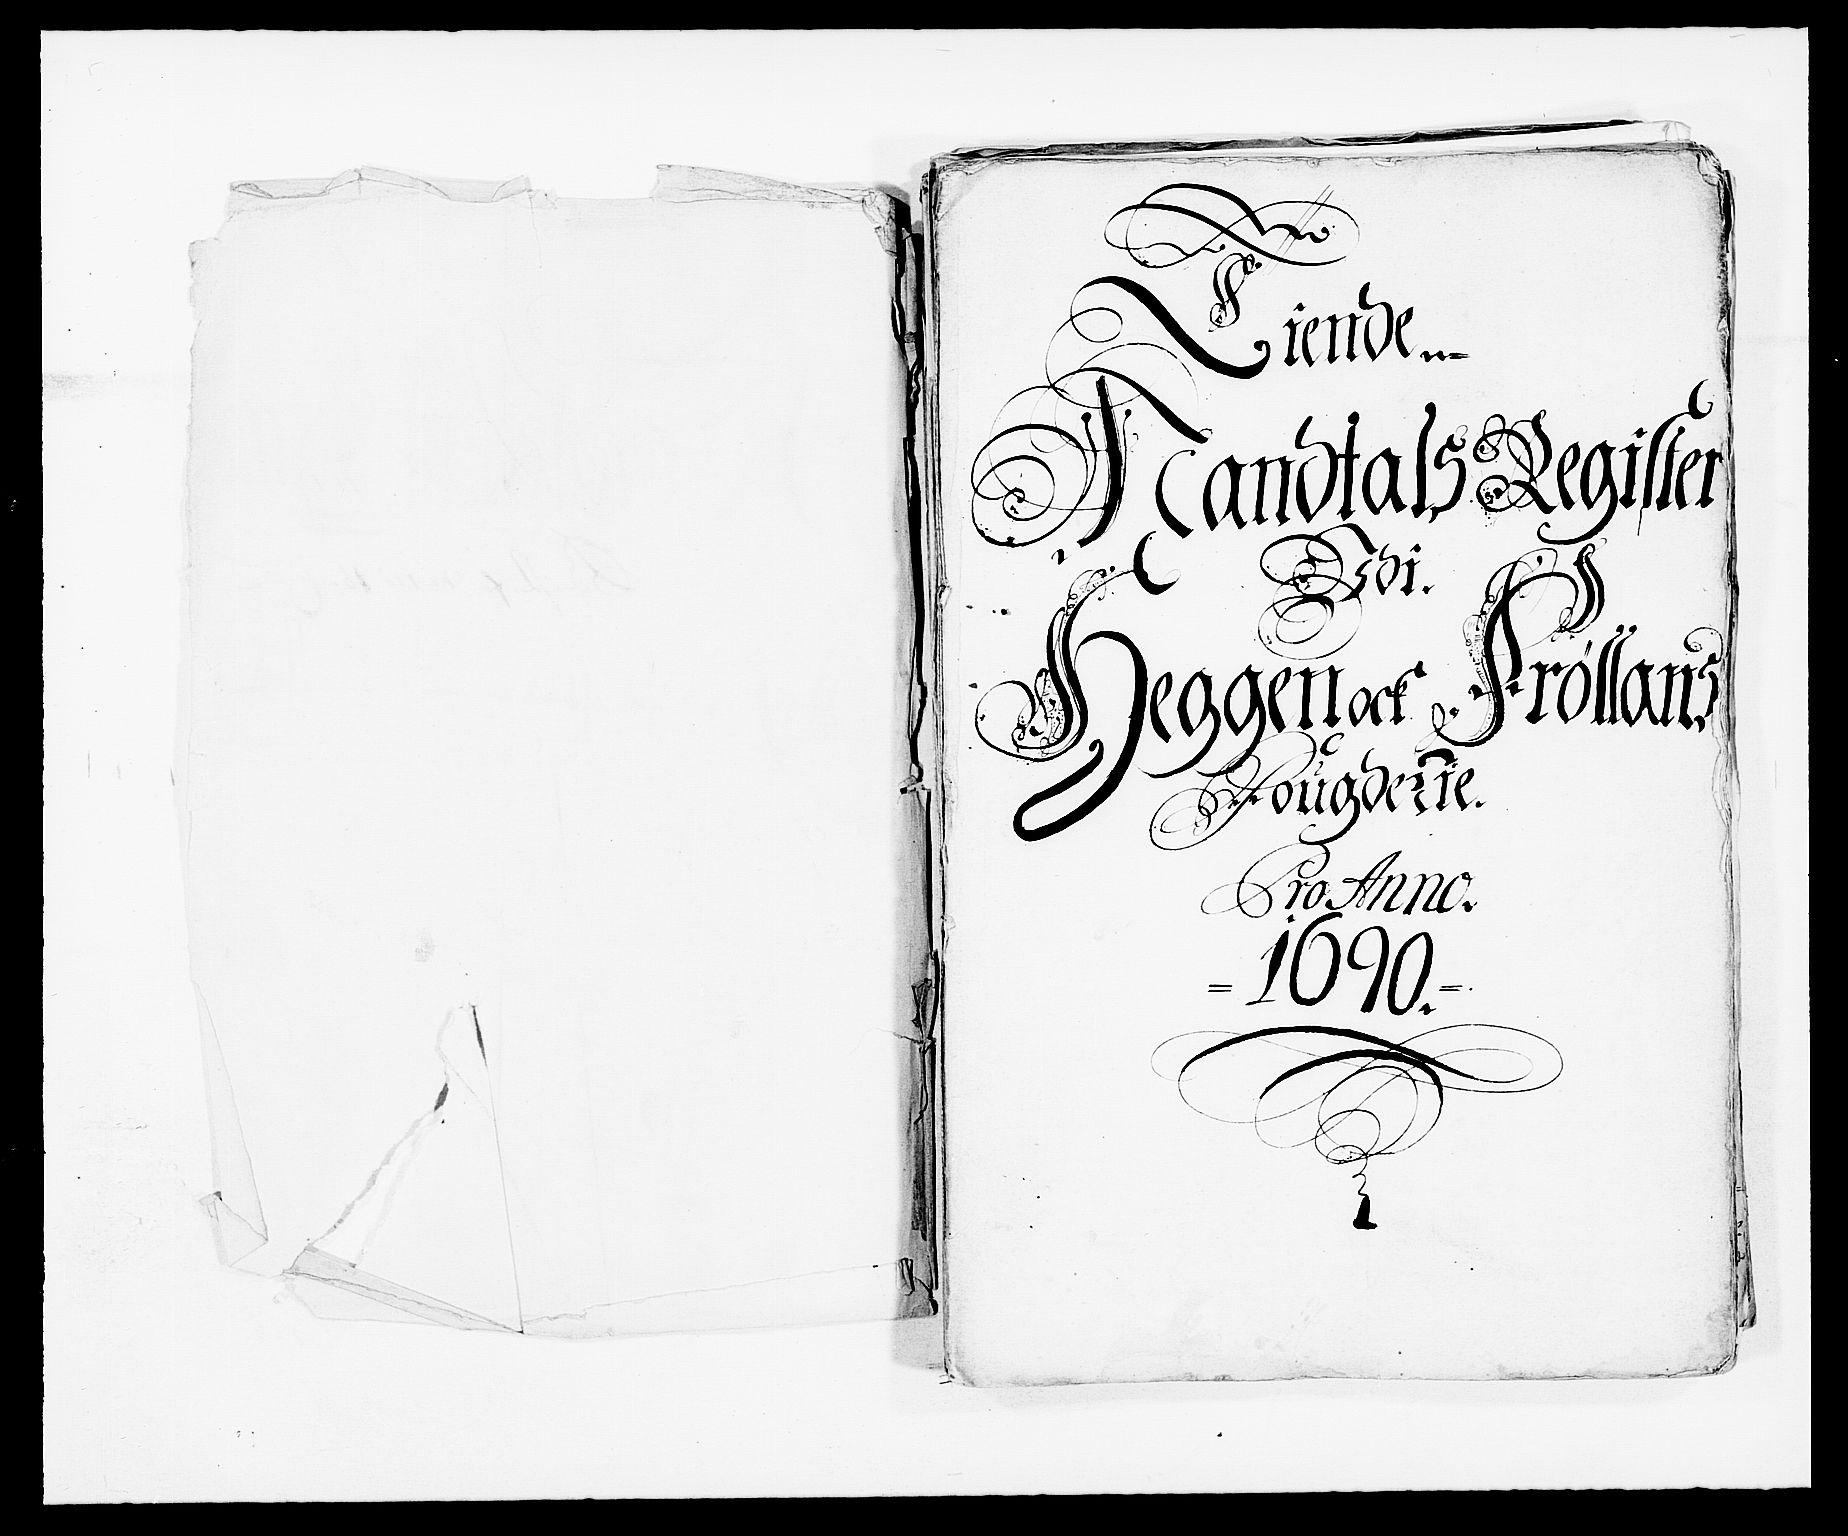 RA, Rentekammeret inntil 1814, Reviderte regnskaper, Fogderegnskap, R06/L0282: Fogderegnskap Heggen og Frøland, 1687-1690, s. 221